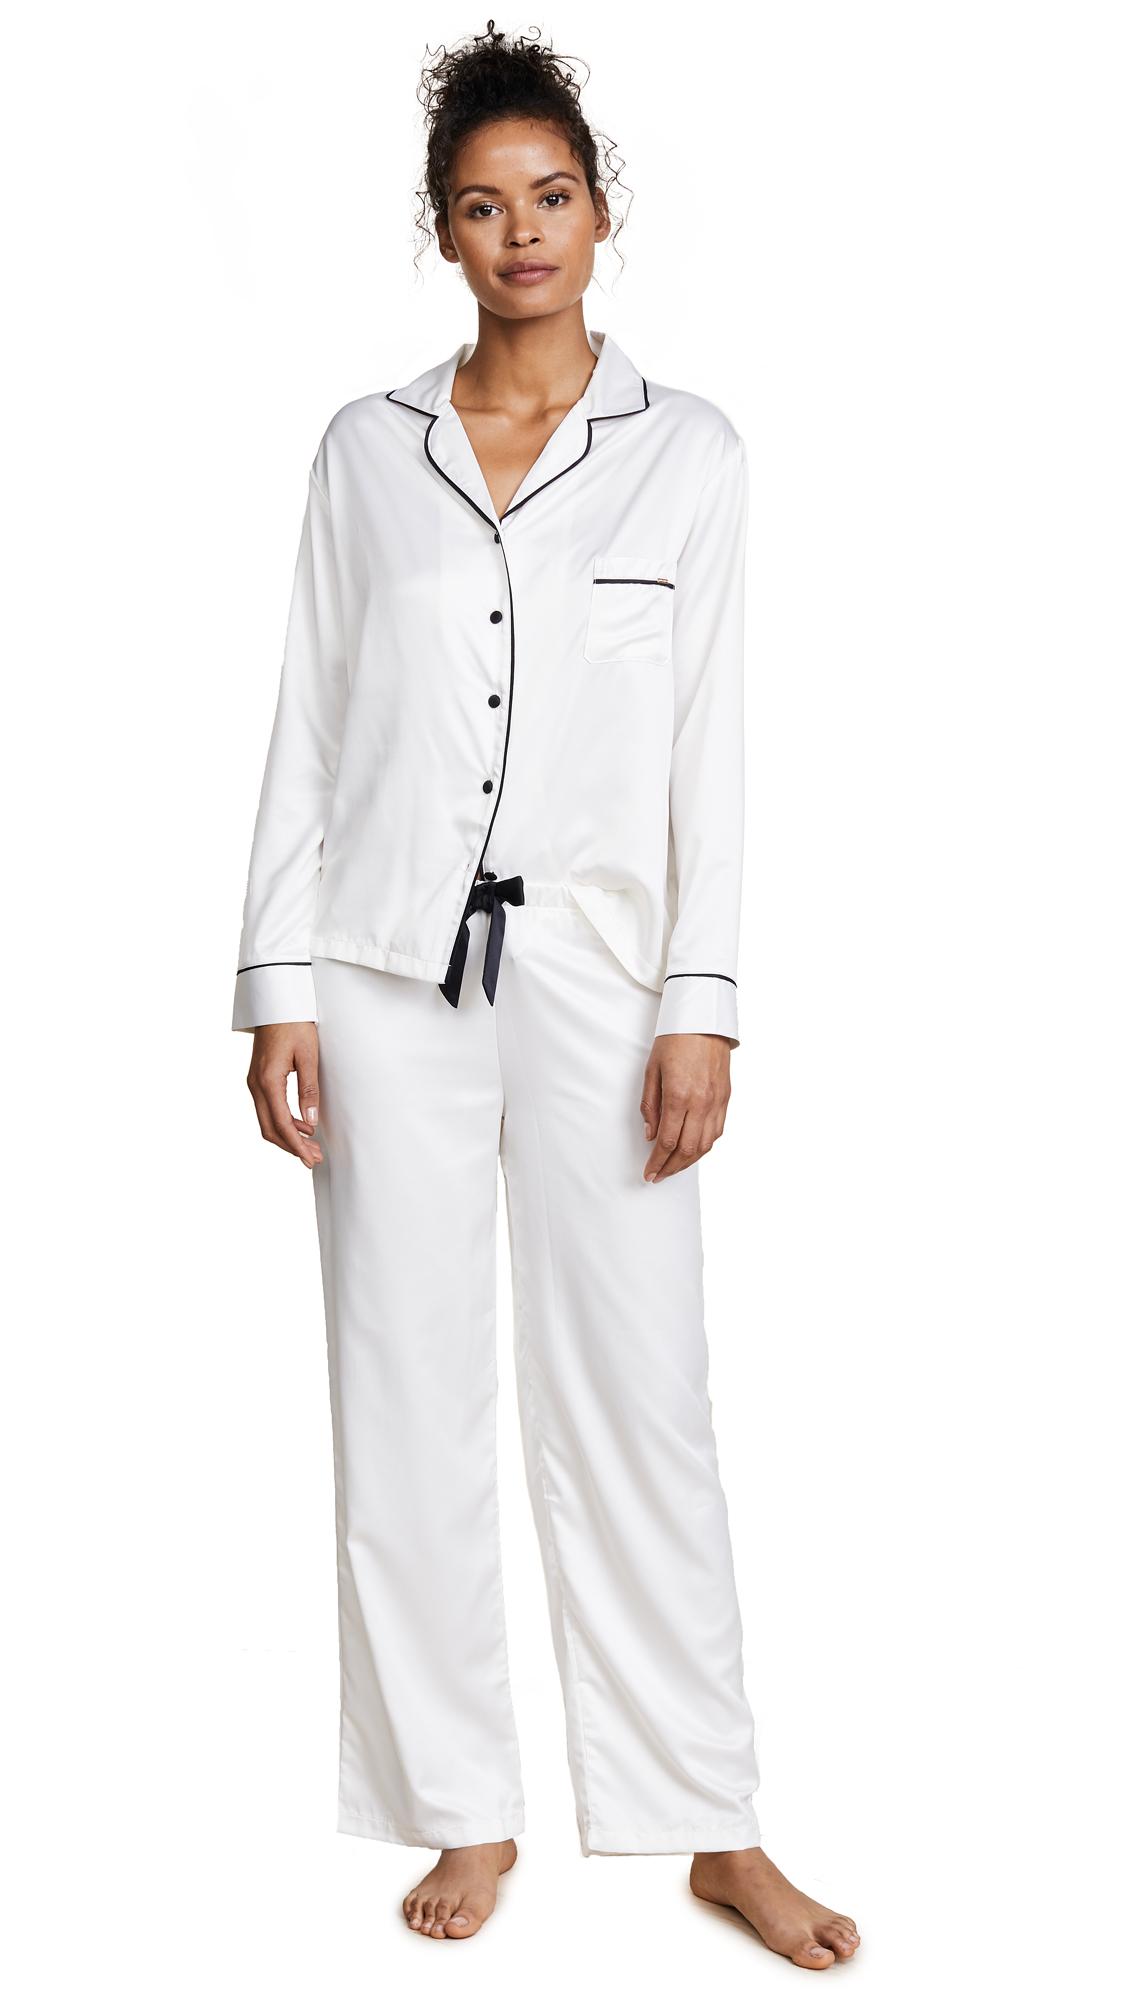 Bluebella Claudia Shirt and Pants Set